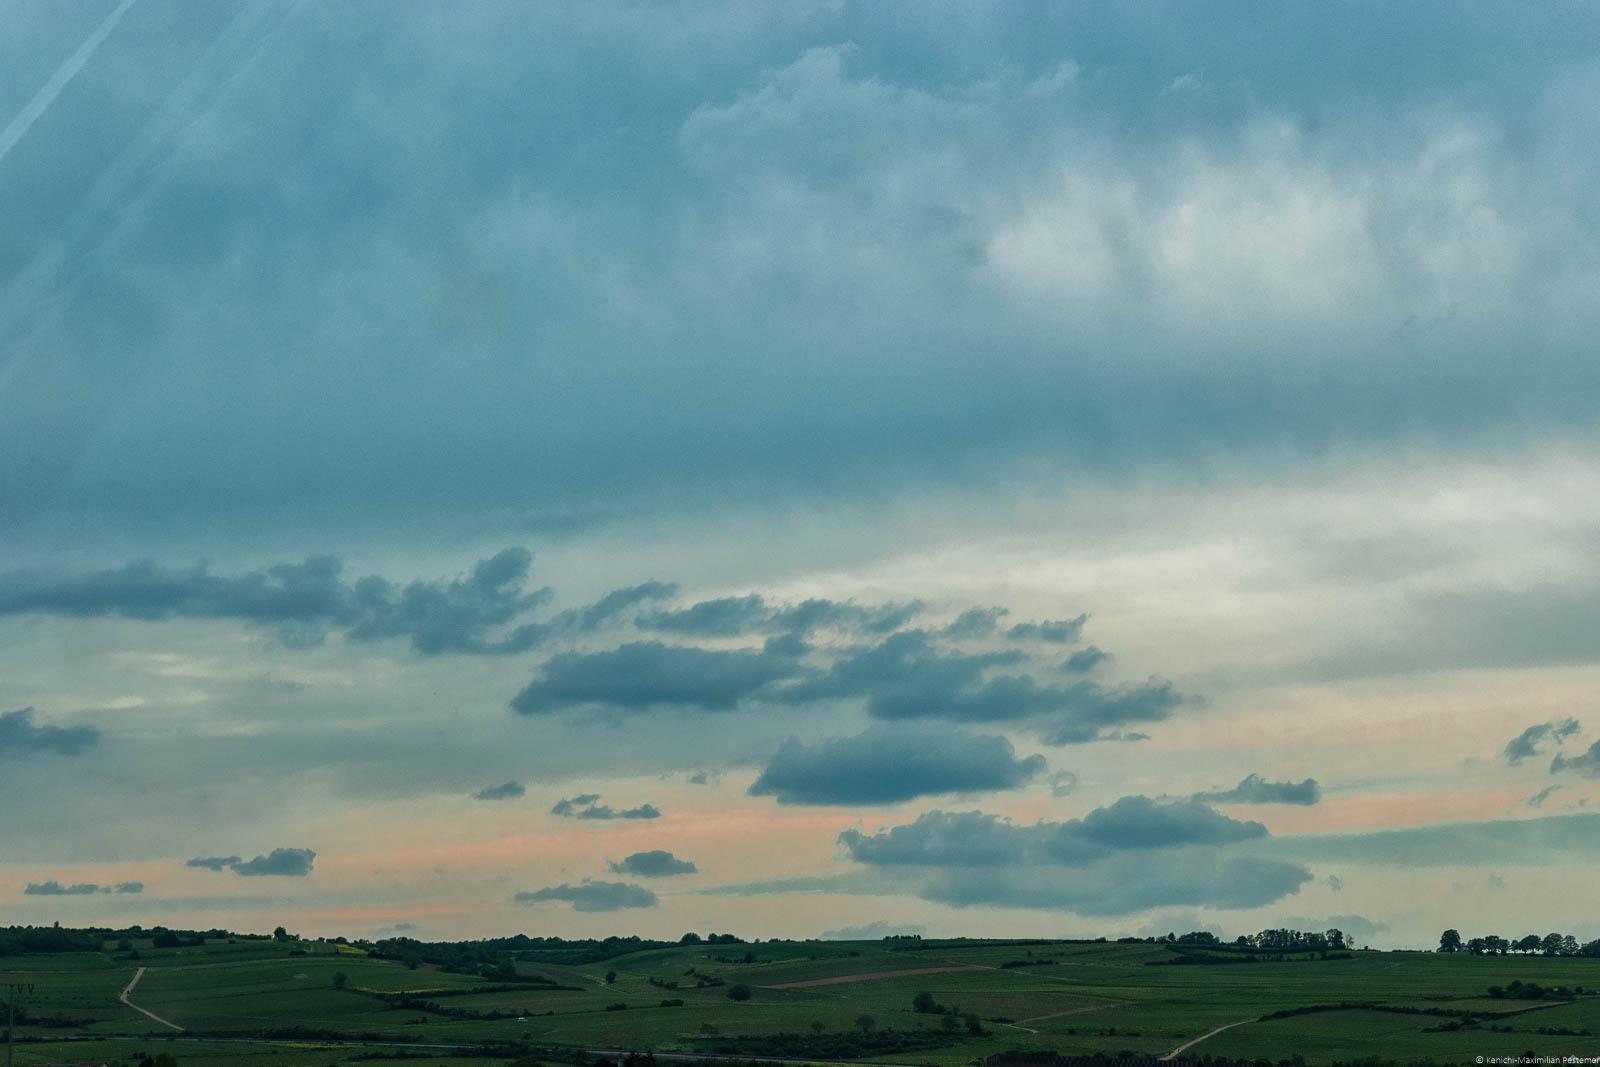 Weinberge bei Bobenheim, weite Landschaft, Himmel mit vielen Wolken, Sonnenuntergang